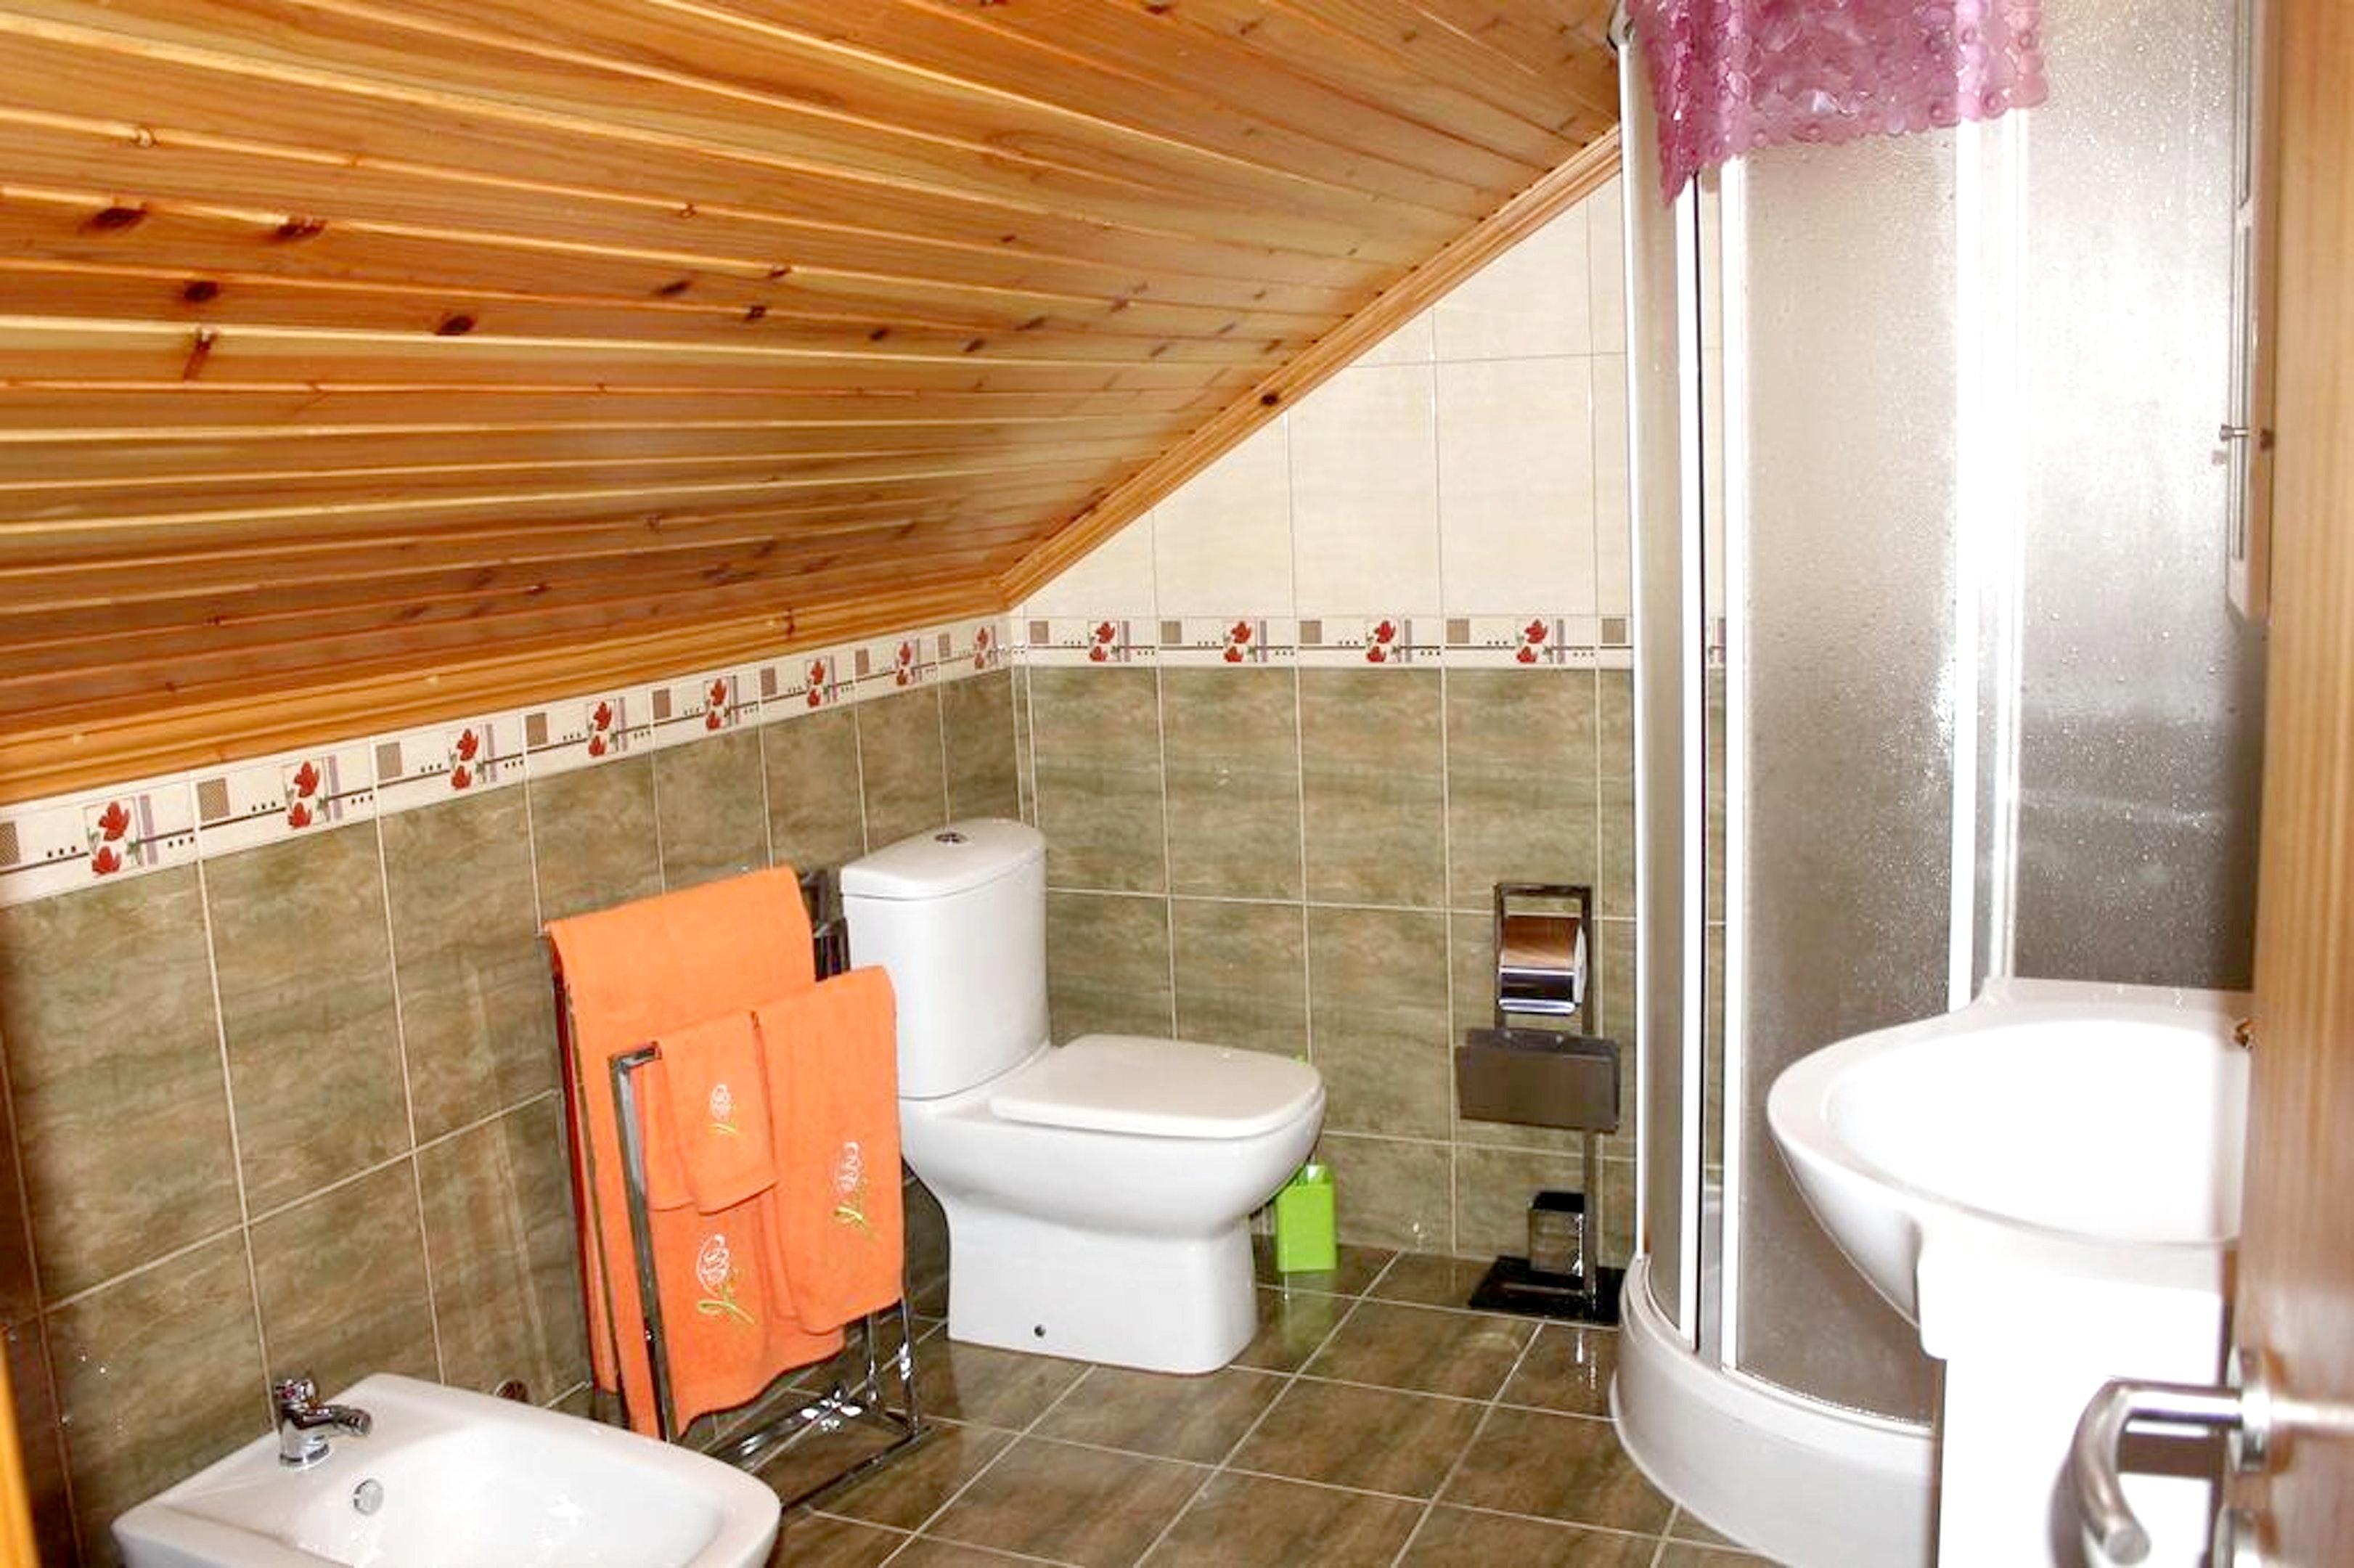 Ferienhaus Haus mit 3 Schlafzimmern in Prainha mit herrlichem Meerblick, eingezäuntem Garten und W-LA (2683894), Prainha, Pico, Azoren, Portugal, Bild 15